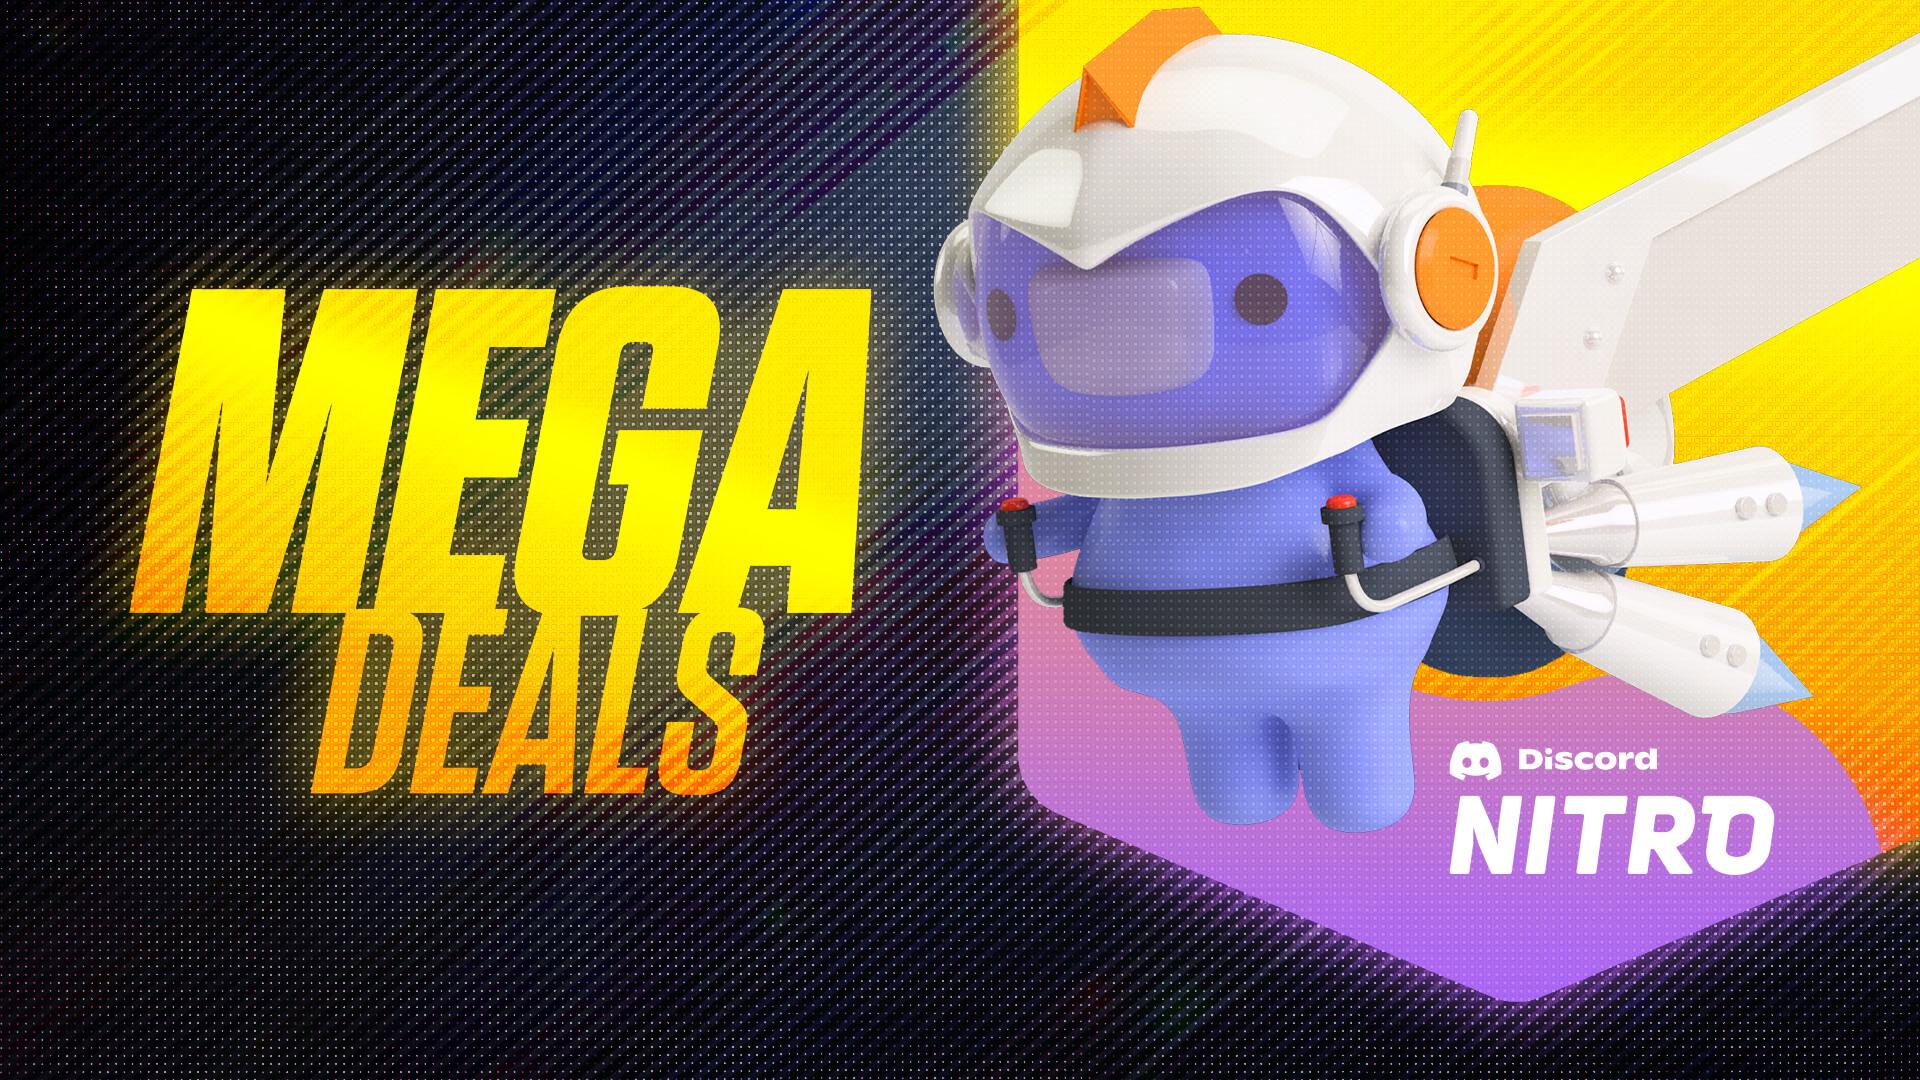 EN EGS MegaDeals Discord 1920x1080